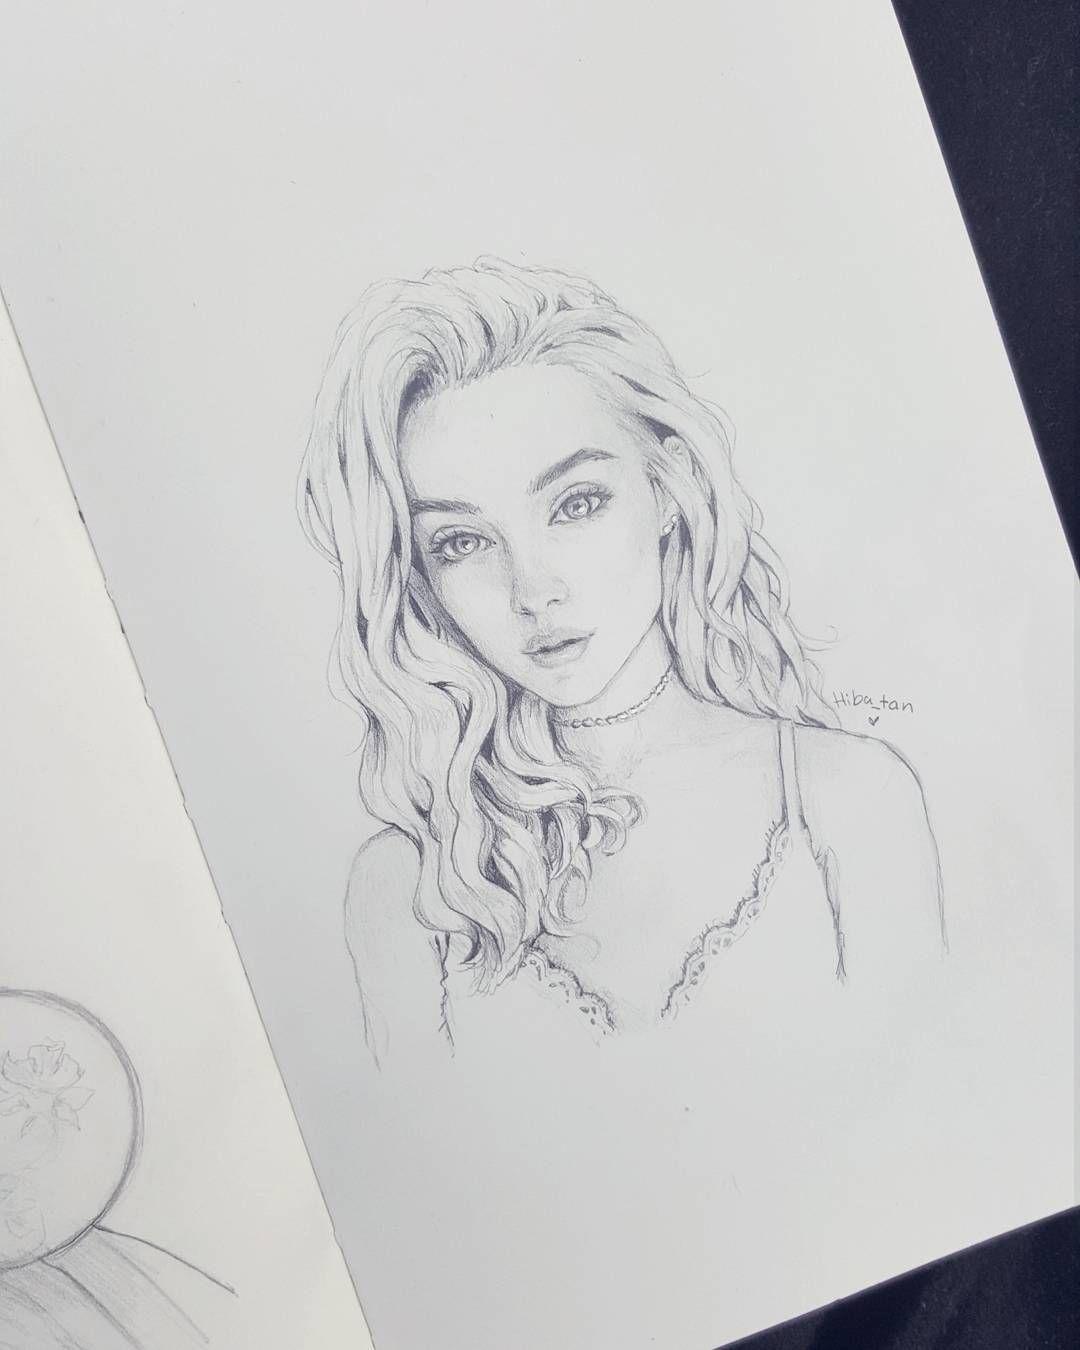 511 2 Mil Seguidores 793 Seguidos 467 Publicaciones Ve Las Fotos Y Los Videos De Instagram De Hiba Abouk Pencil Portrait Fan Art Drawing Portrait Drawing